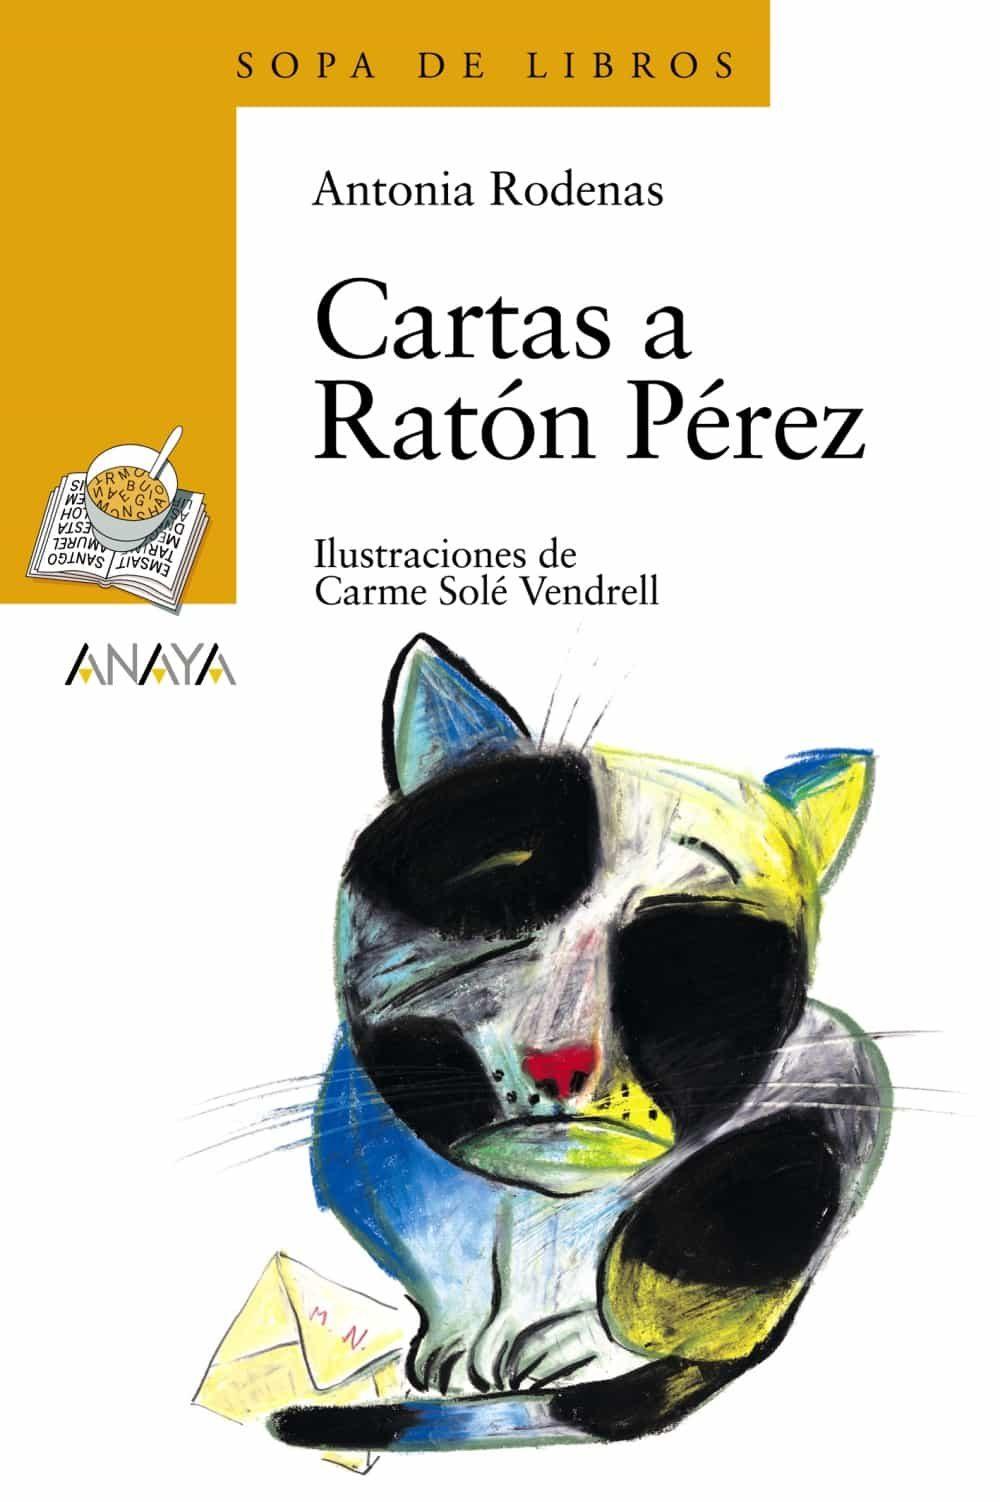 Cartas A Raton Perez por Antonia Rodenas Gratis